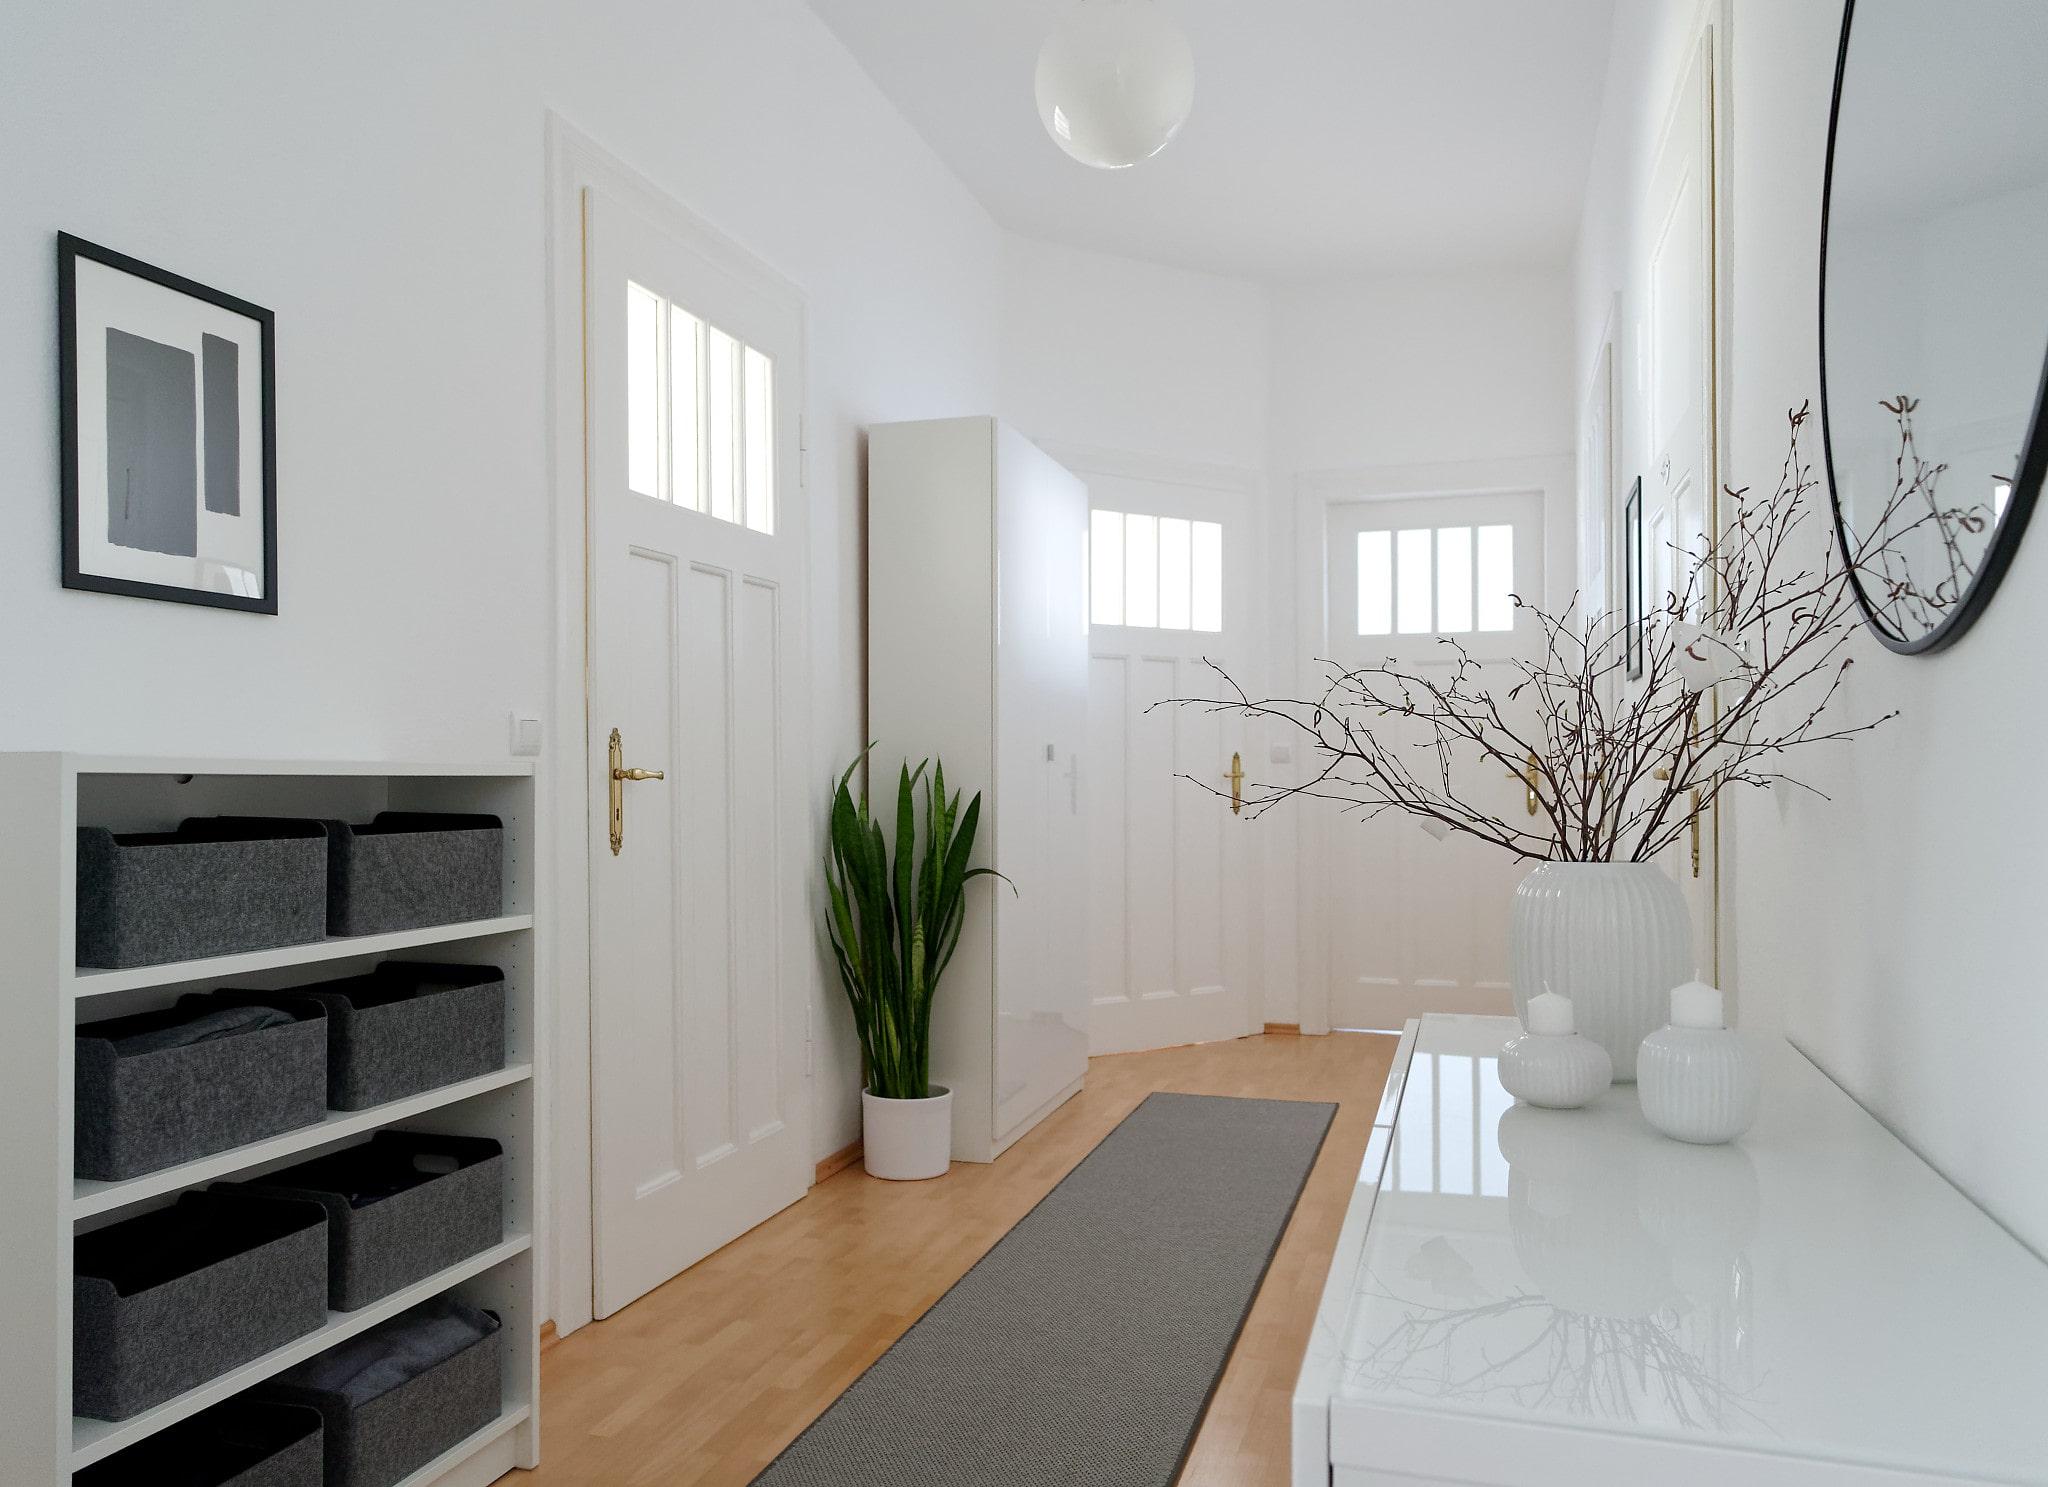 Eingangsbereich in weiß, grau und schwarz